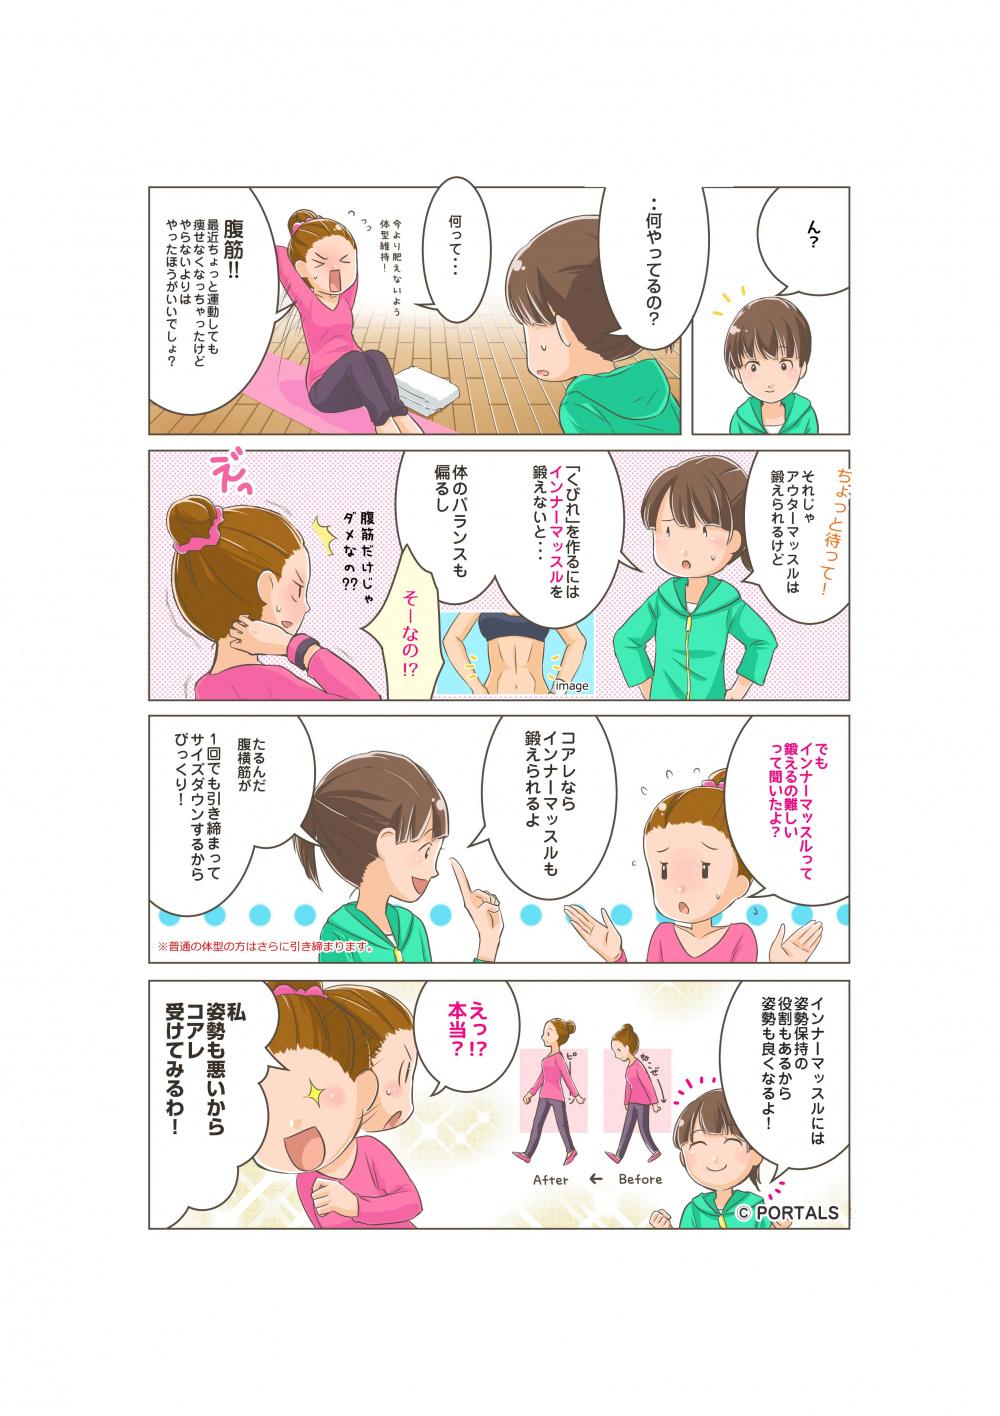 シェイプアップ編